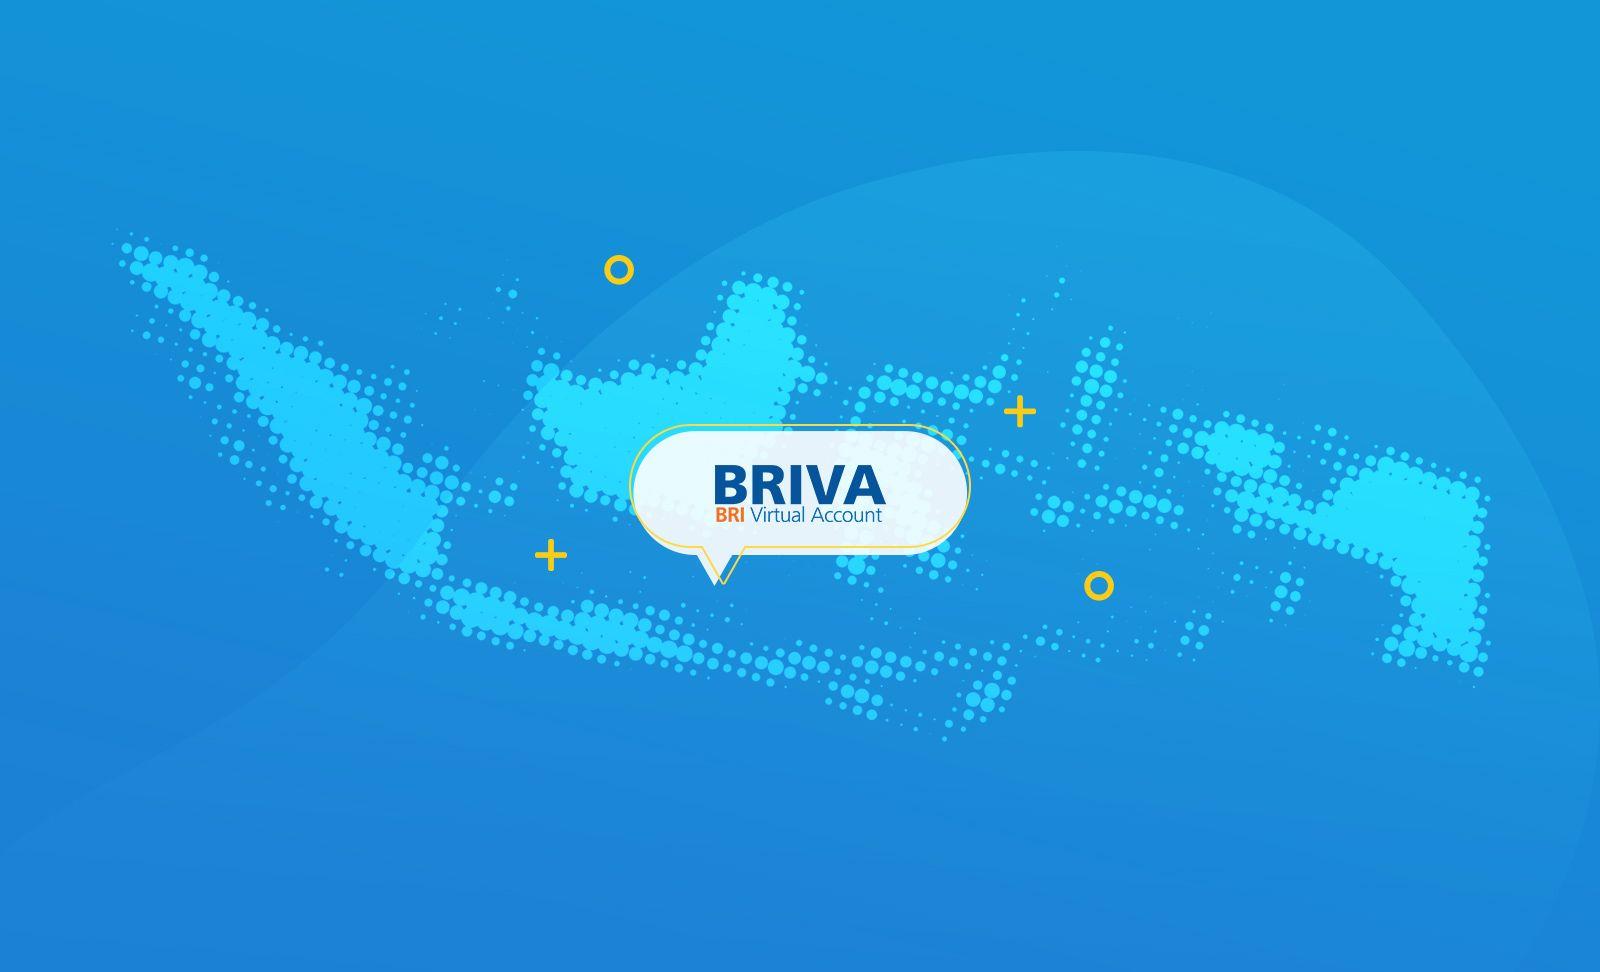 Perluas Jangkauan Pembayaran dengan BRI Virtual Account